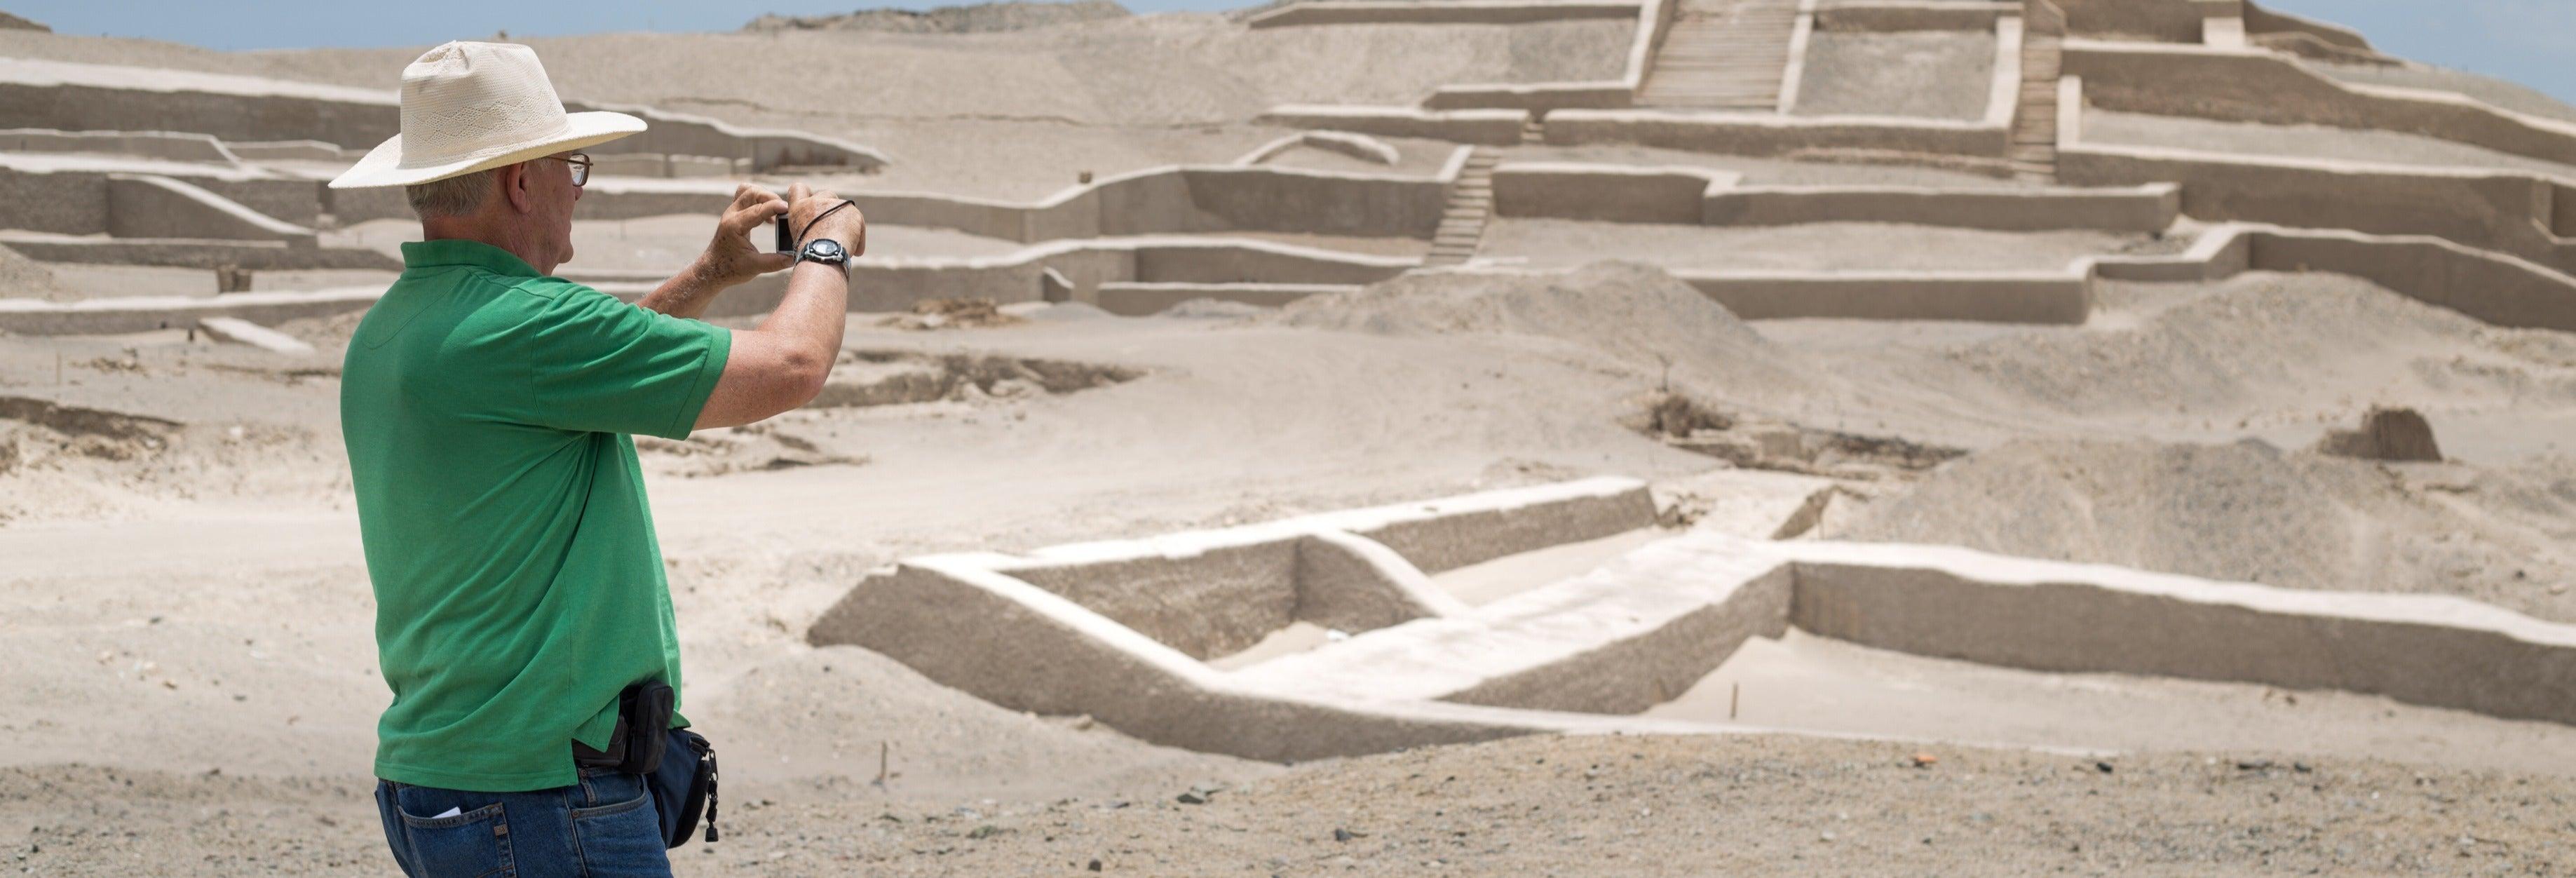 Escursione privata da Nazca